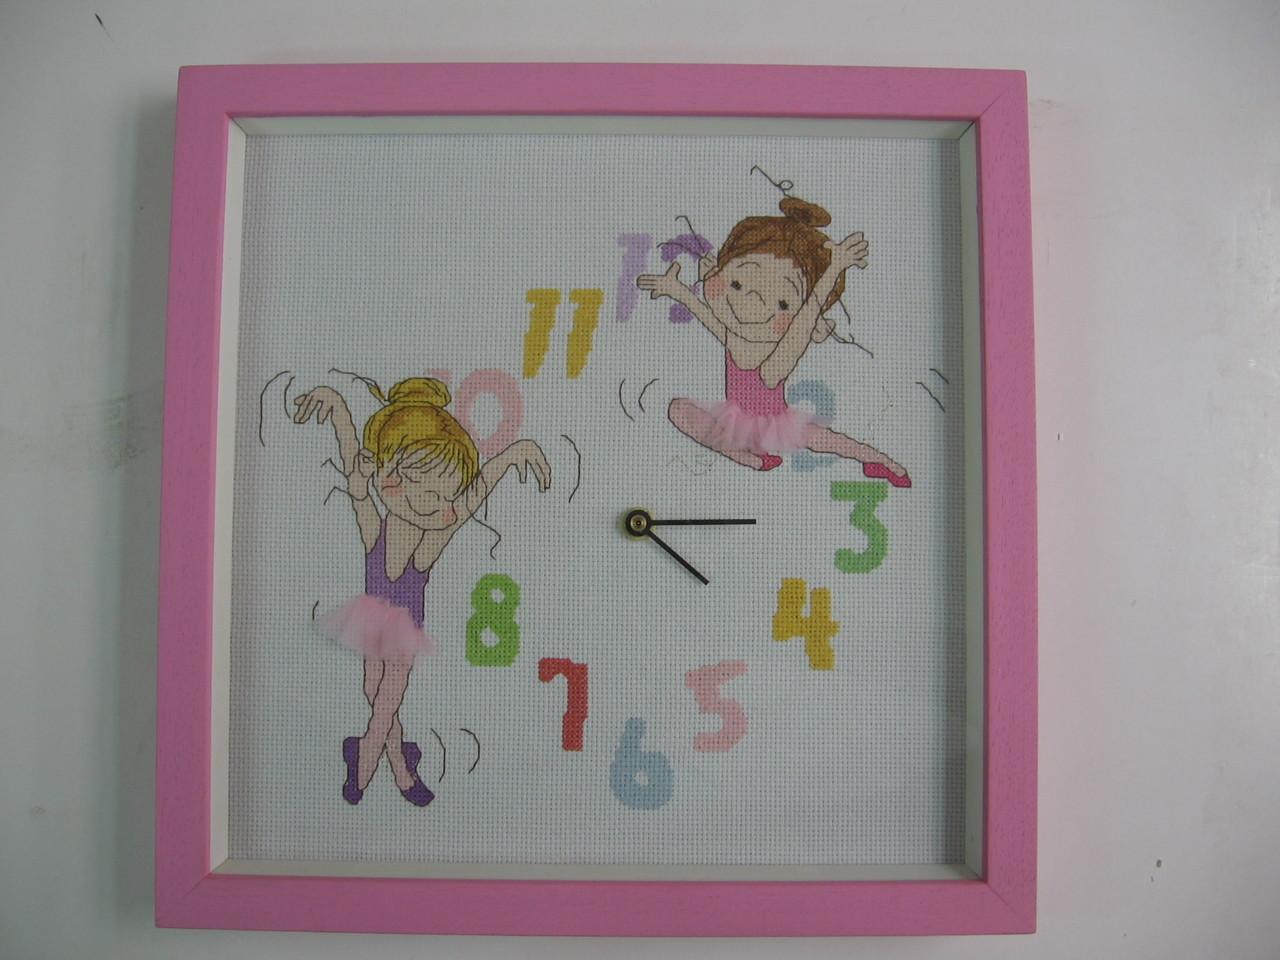 Ricamo su tela aida montato come orologio con cornice a cassetta tinta in rosa.